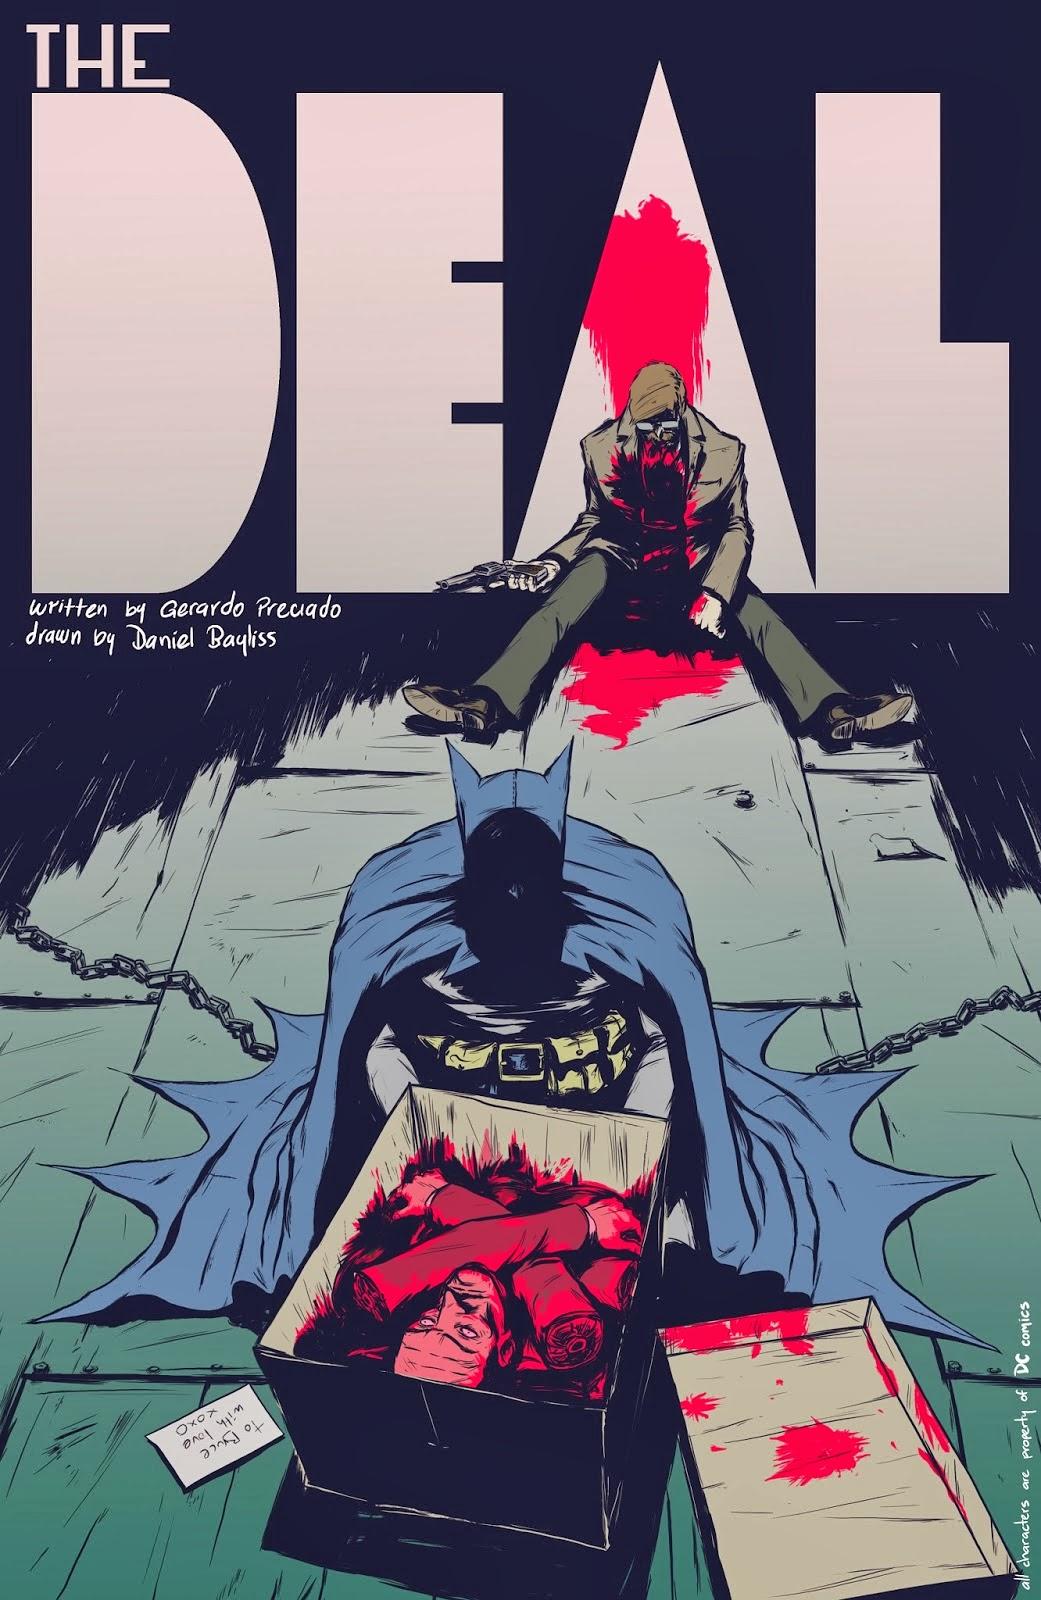 batman the deal gerardo preciado daniel bayliss comics joker love blood